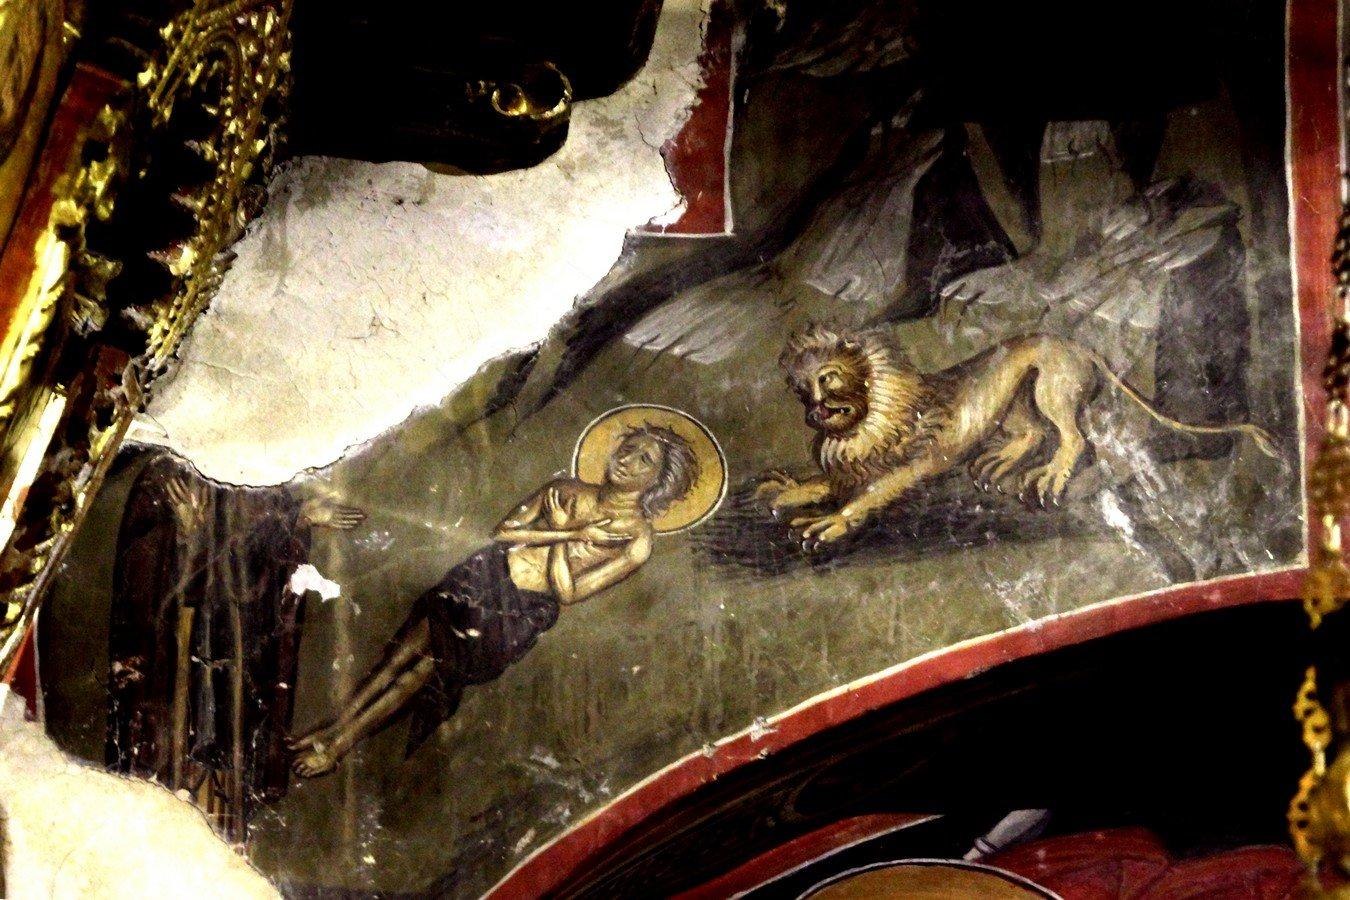 Погребение Святой Преподобной Марии Египетской. Фреска церкви Преображения Господня в Палехори на Кипре. 1610 - 1620-е годы.